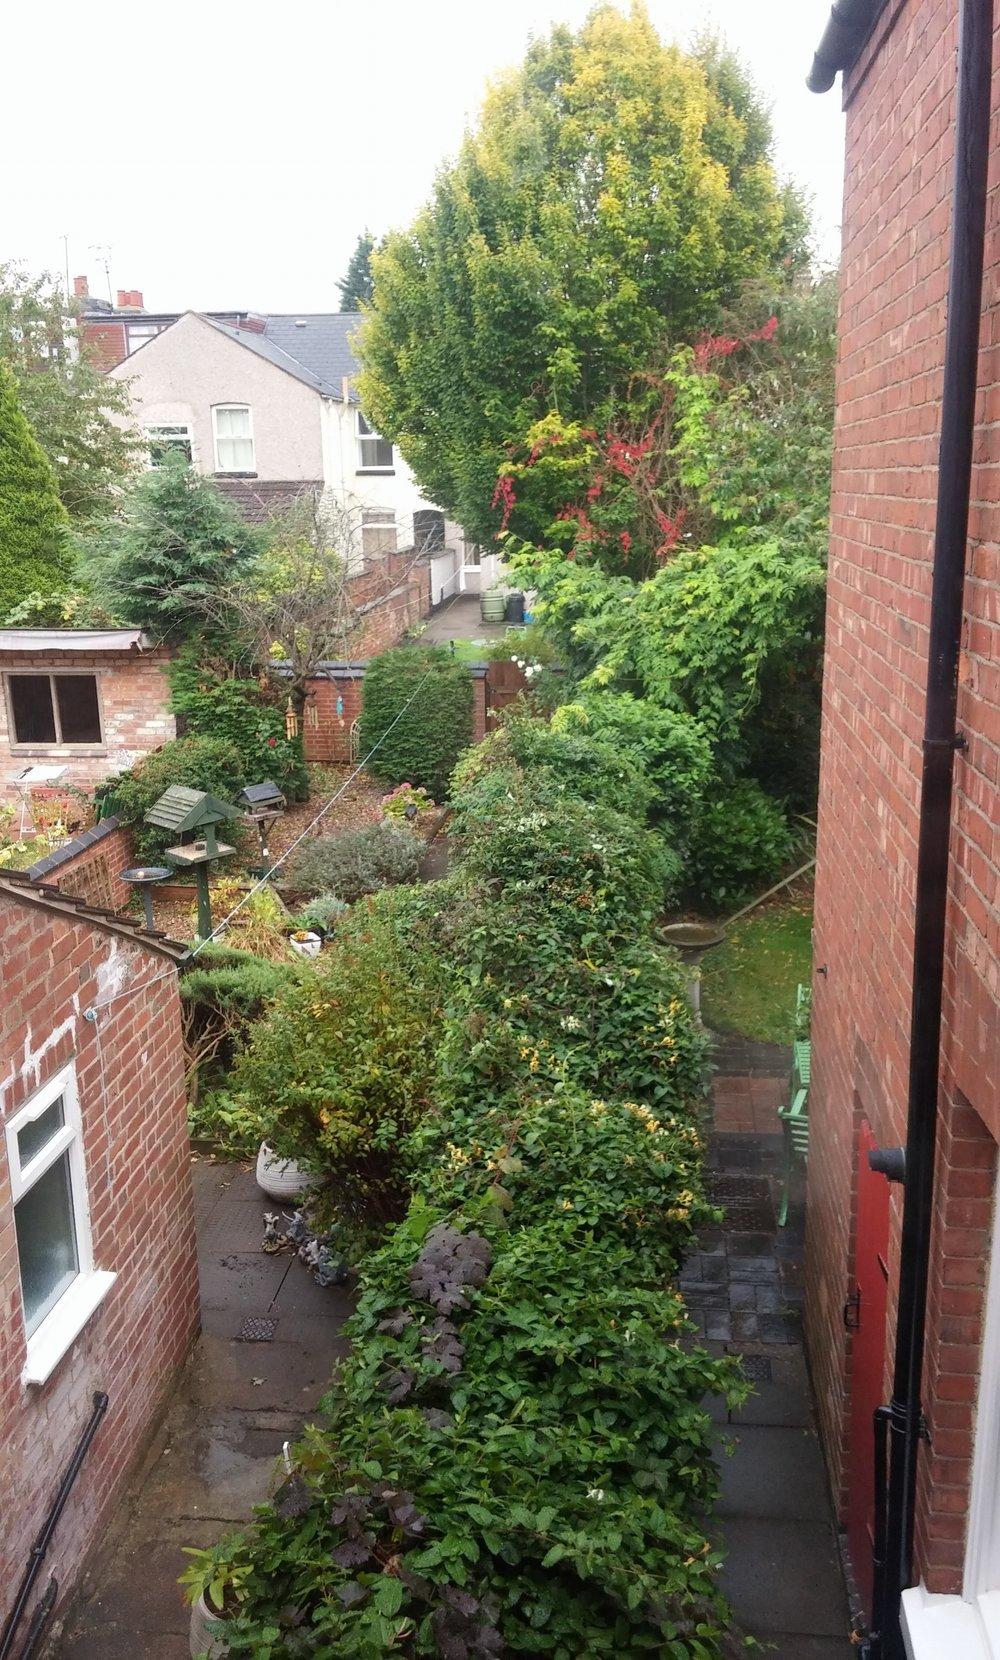 View of gardens from bedroom window